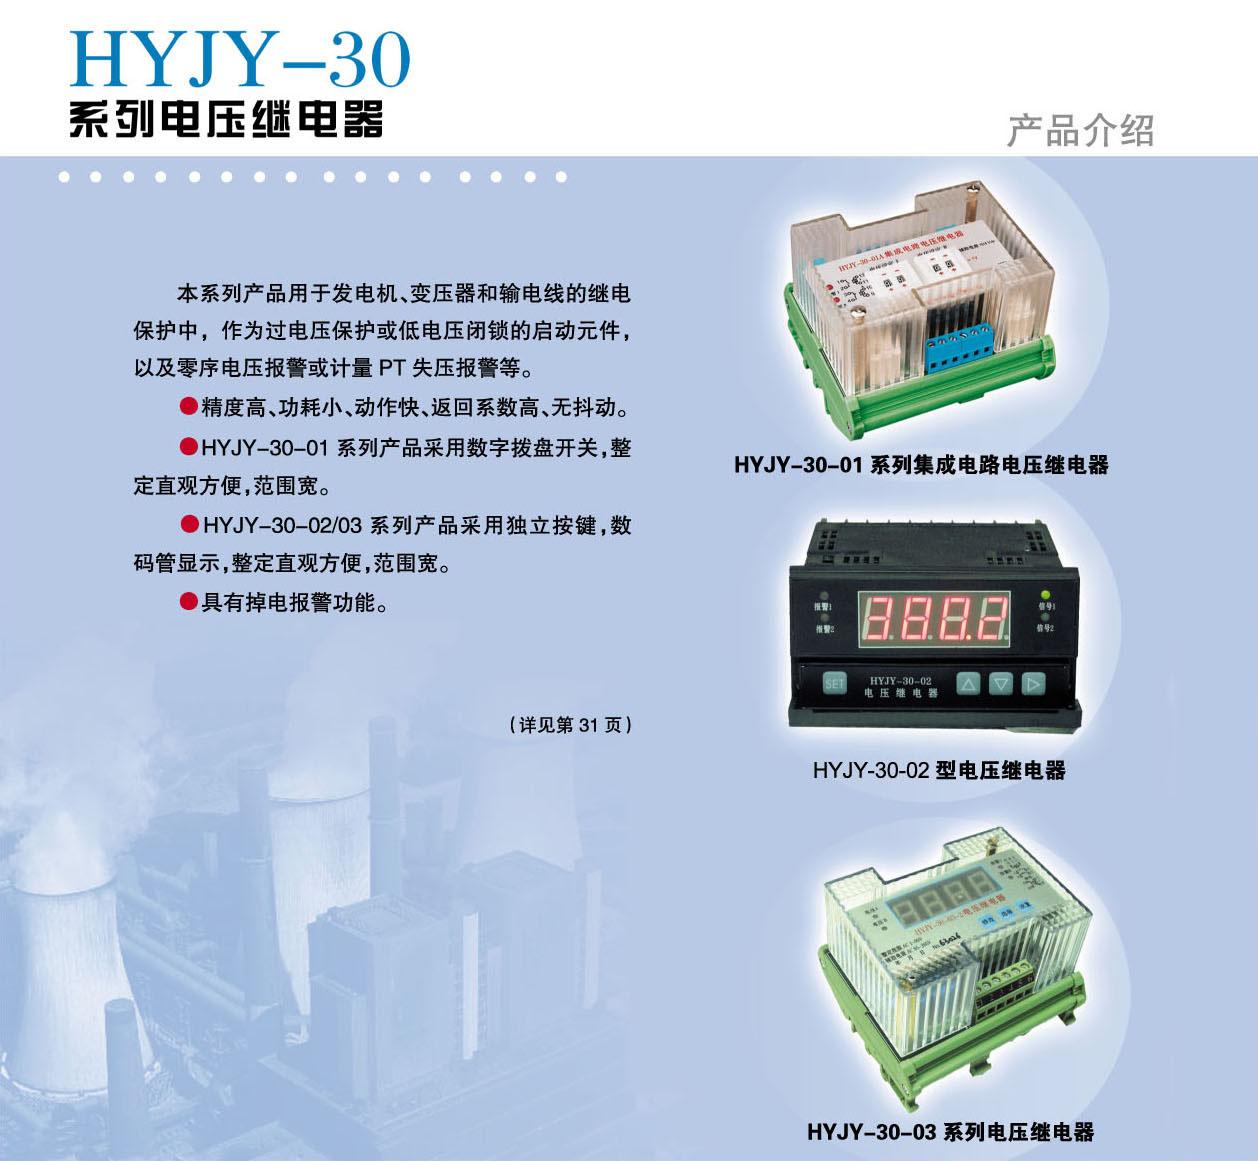 HYJY系列电压继电器